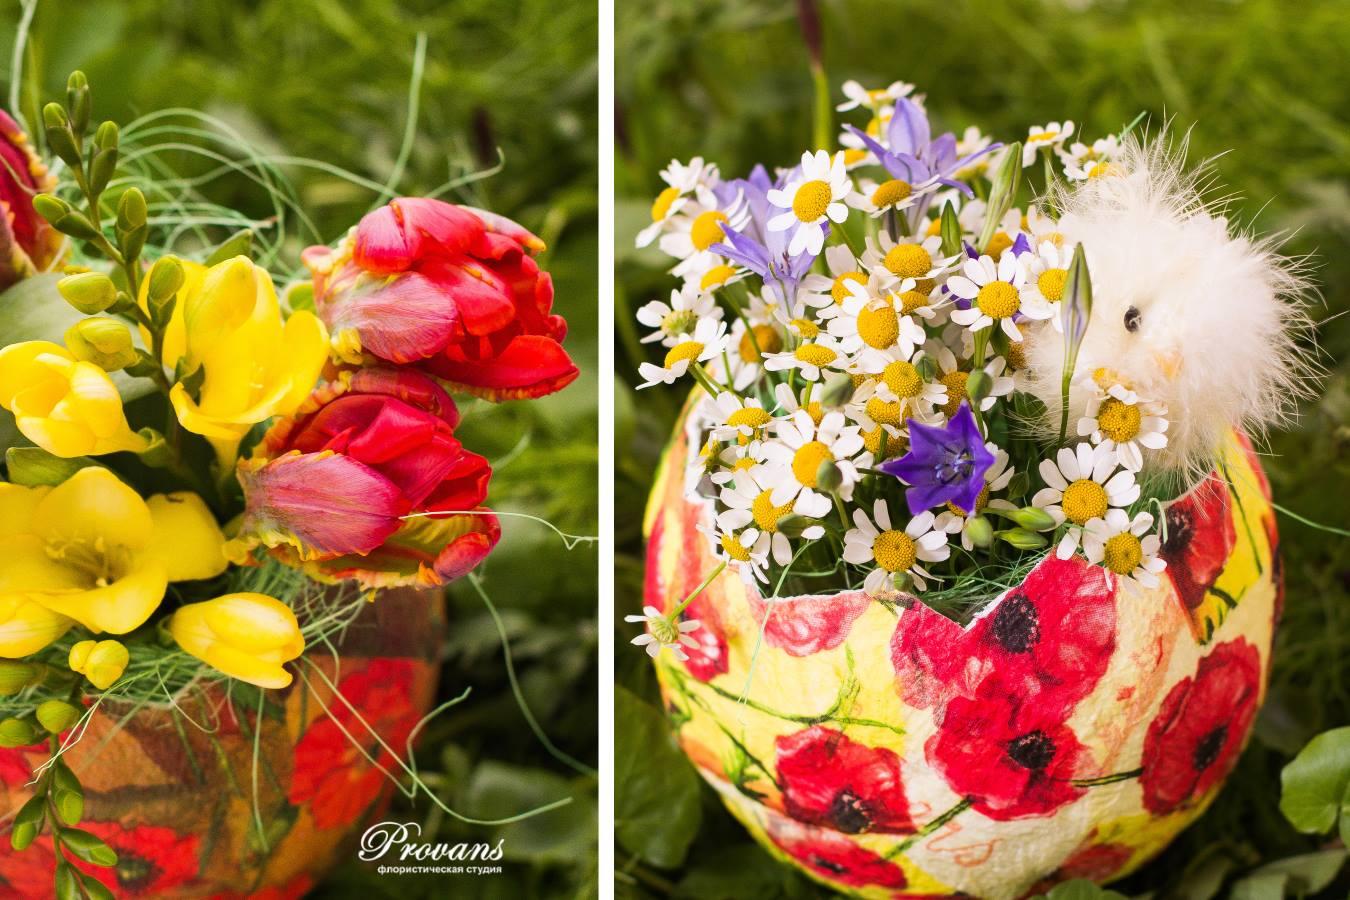 Композиция на Пасху. Цветы: тюльпаны, фрезия, ромашки, бродея